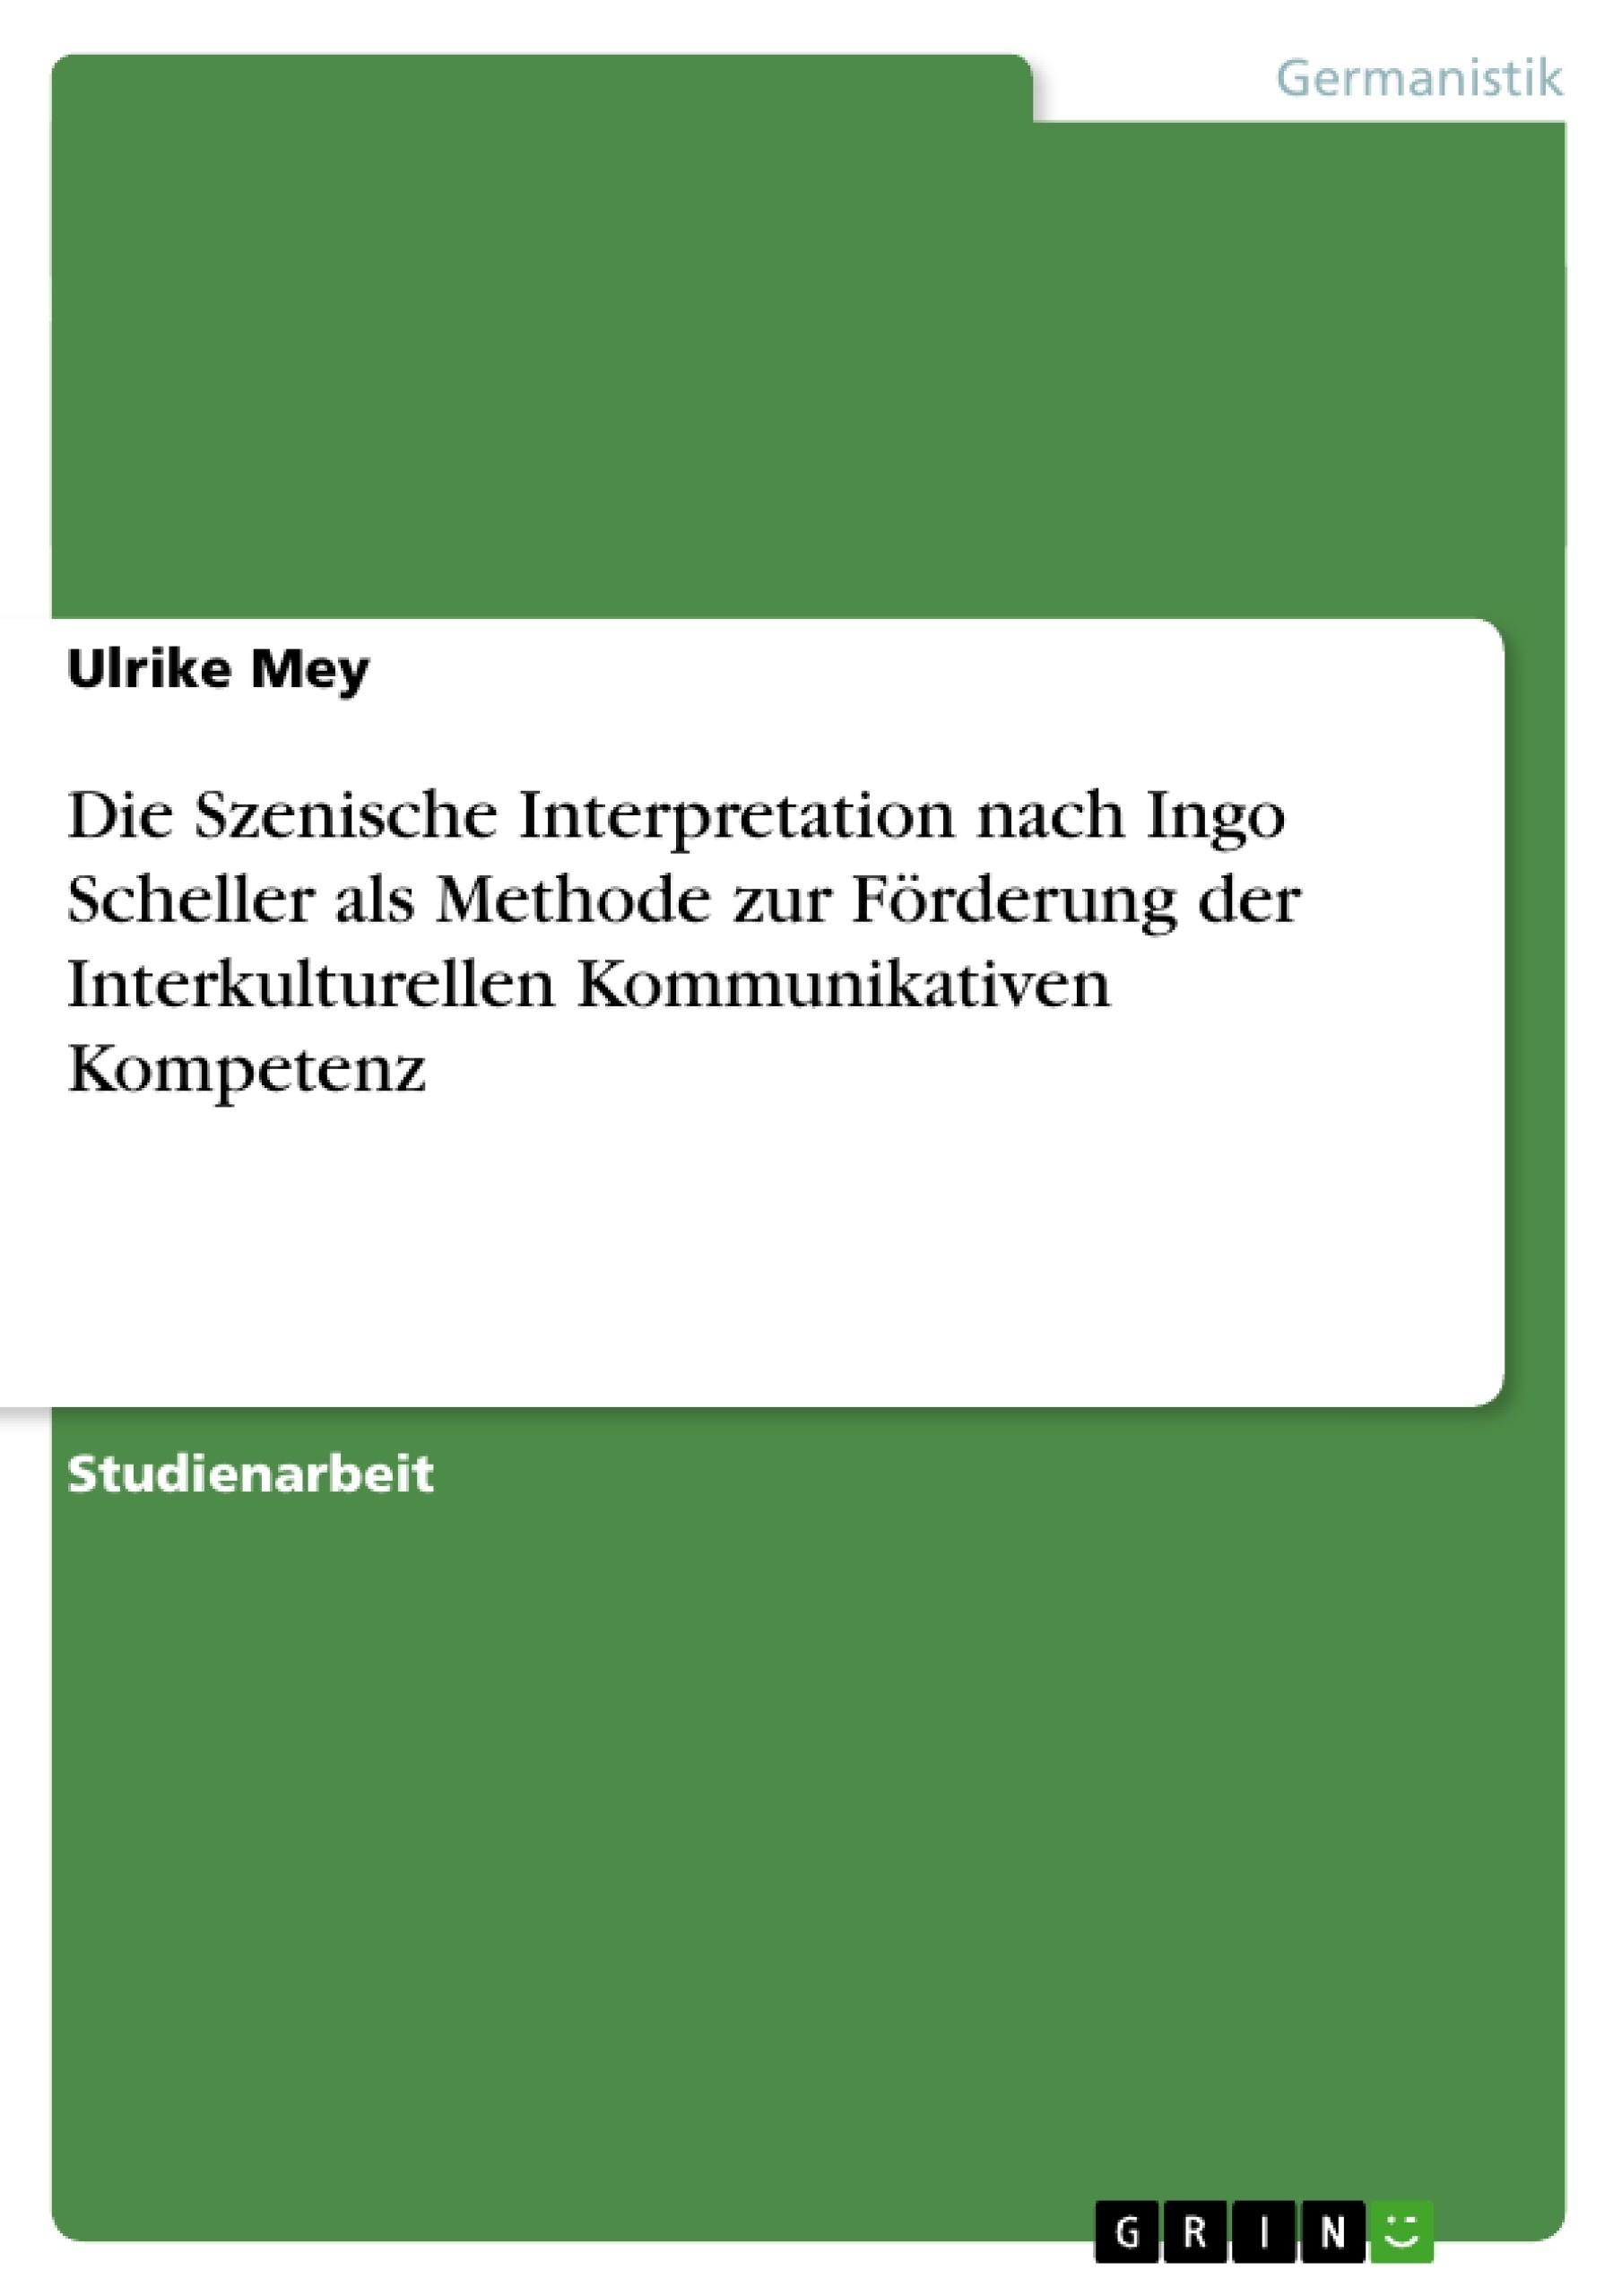 Titel: Die Szenische Interpretation nach Ingo Scheller als Methode zur Förderung der Interkulturellen Kommunikativen Kompetenz